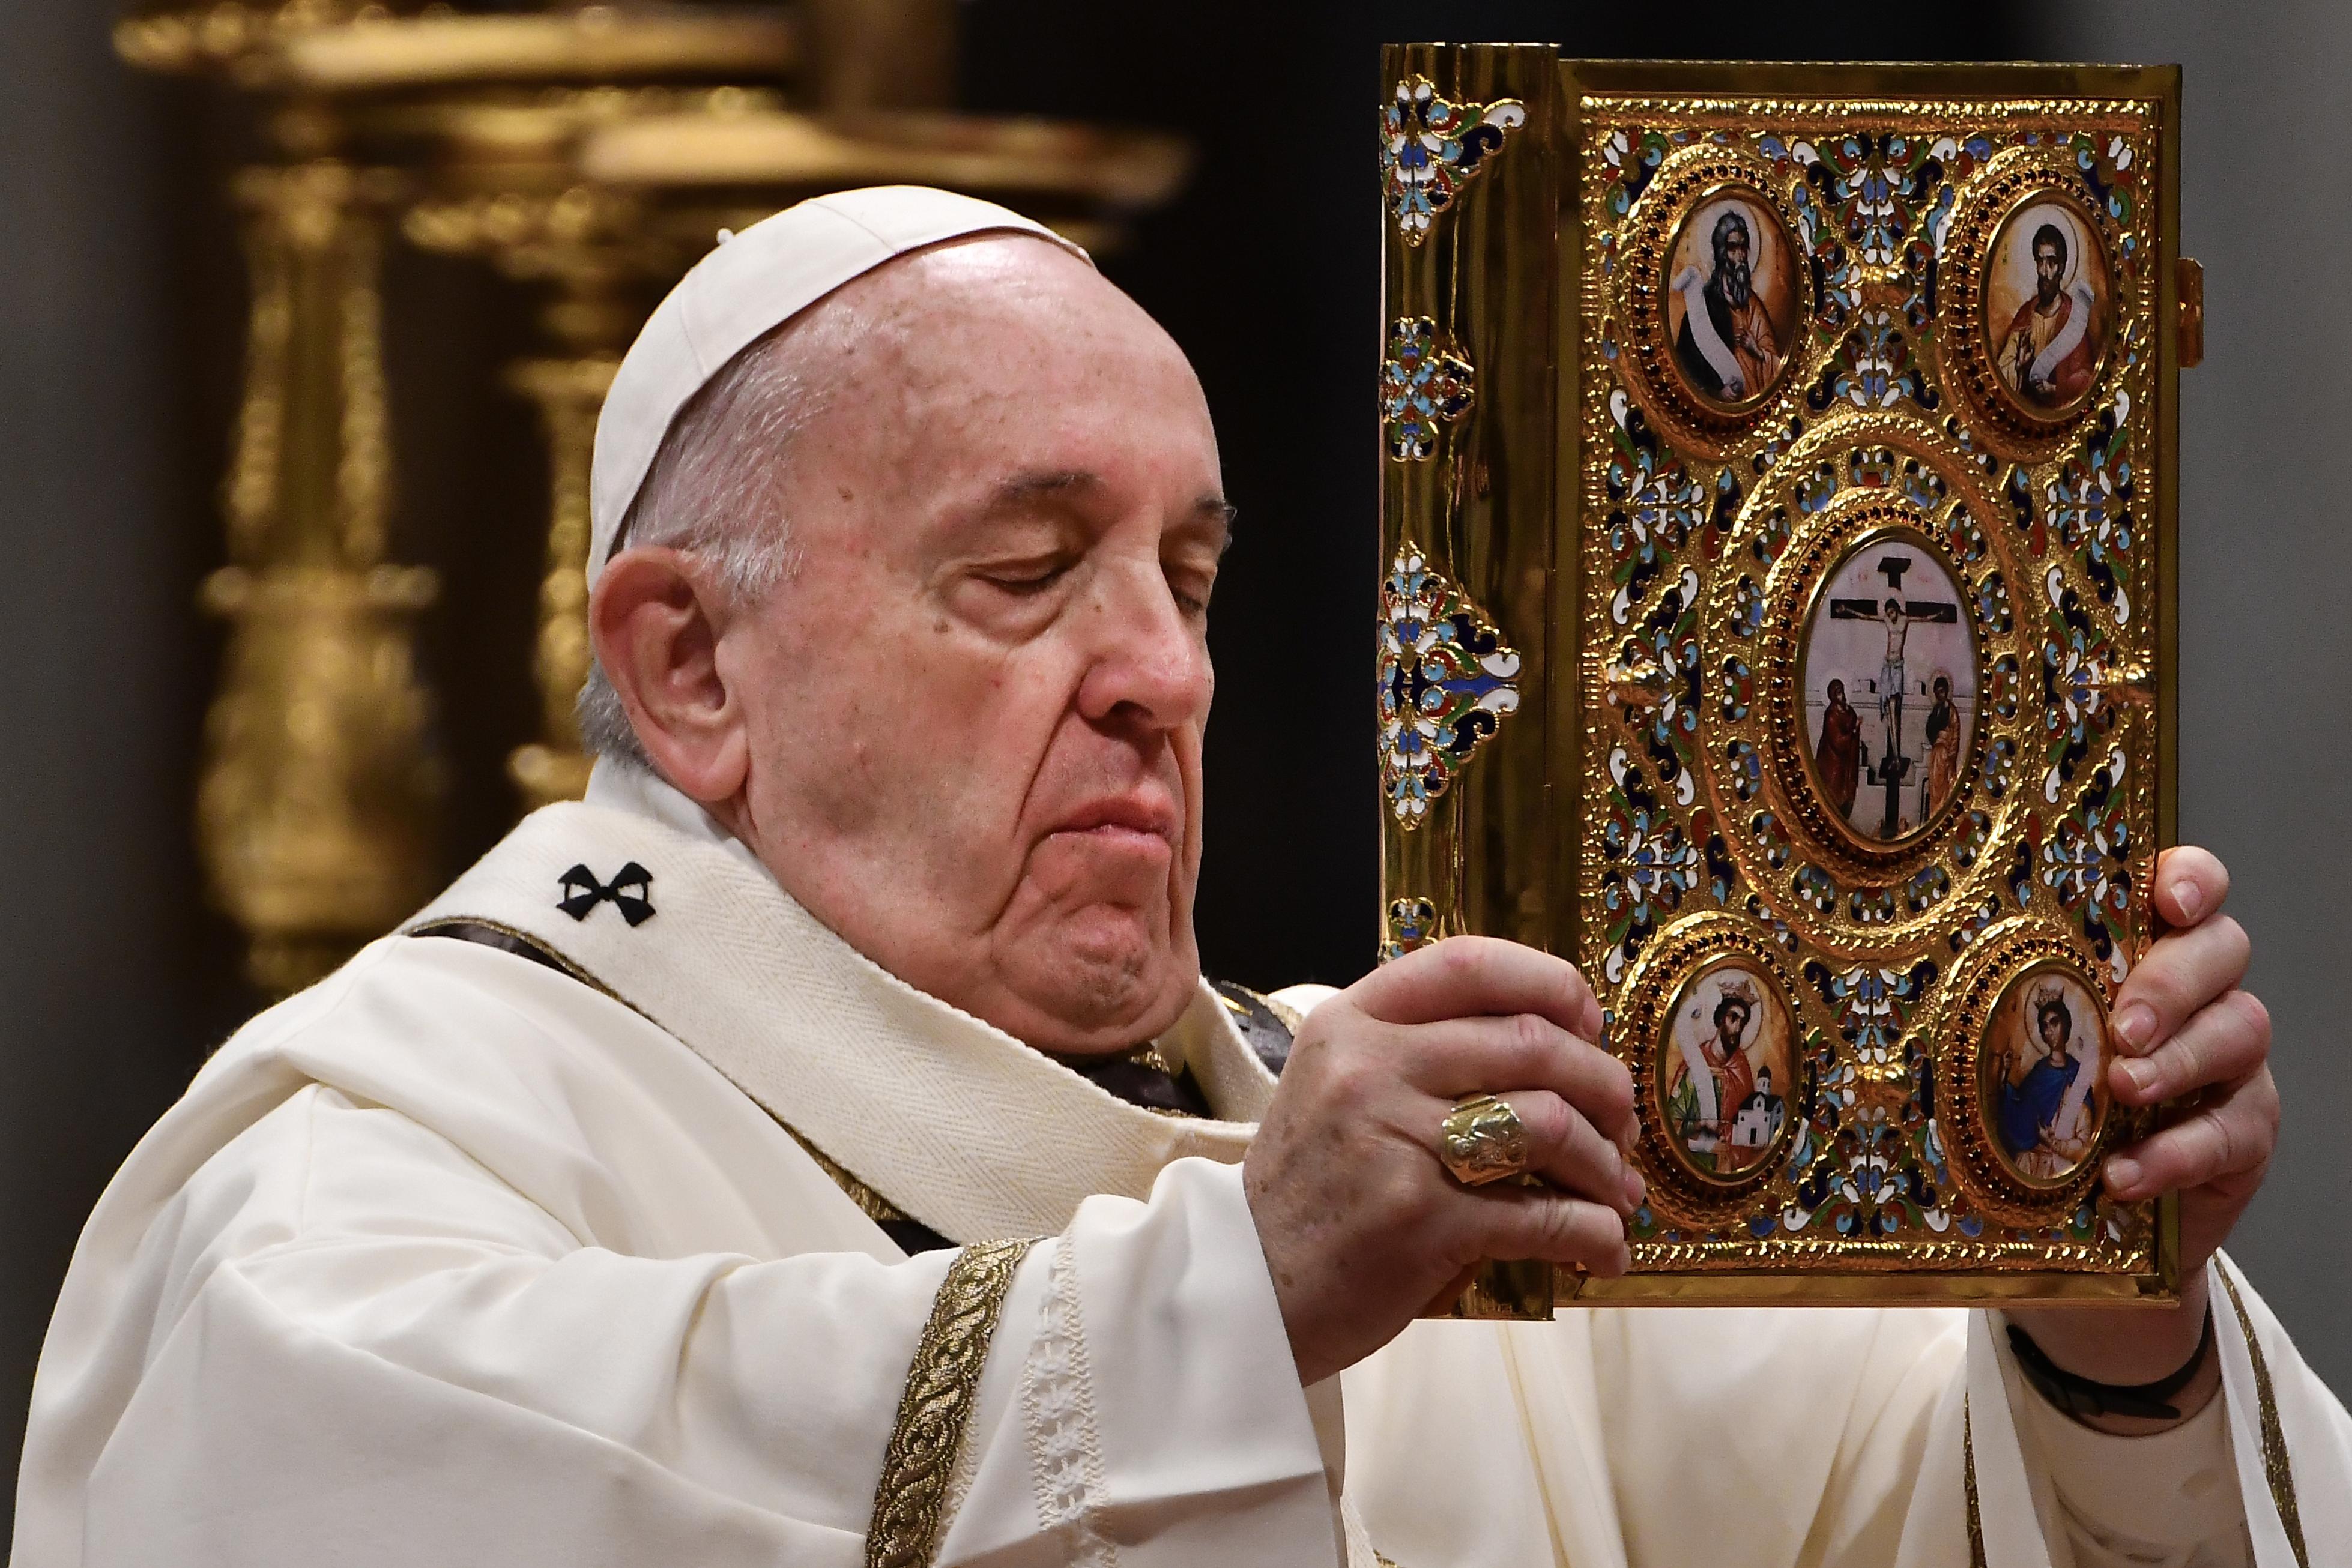 Ferenc pápa: A mostanihoz hasonló történelmi pillanatokban nem maradhatunk közömbösek